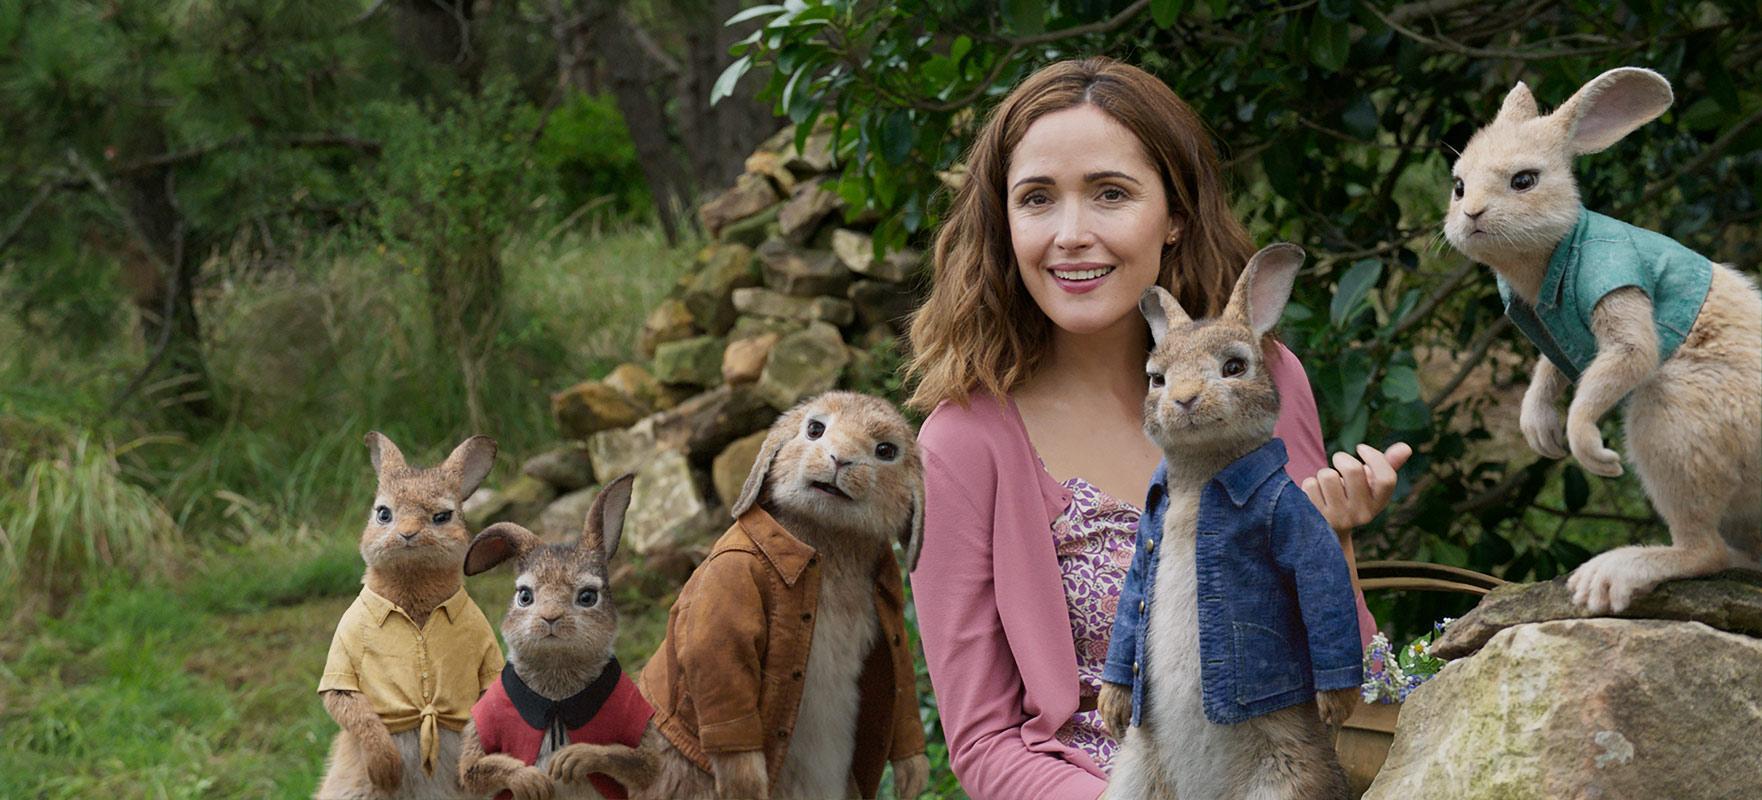 Passend zu Ostern: Langohr-Abenteuer im Kino